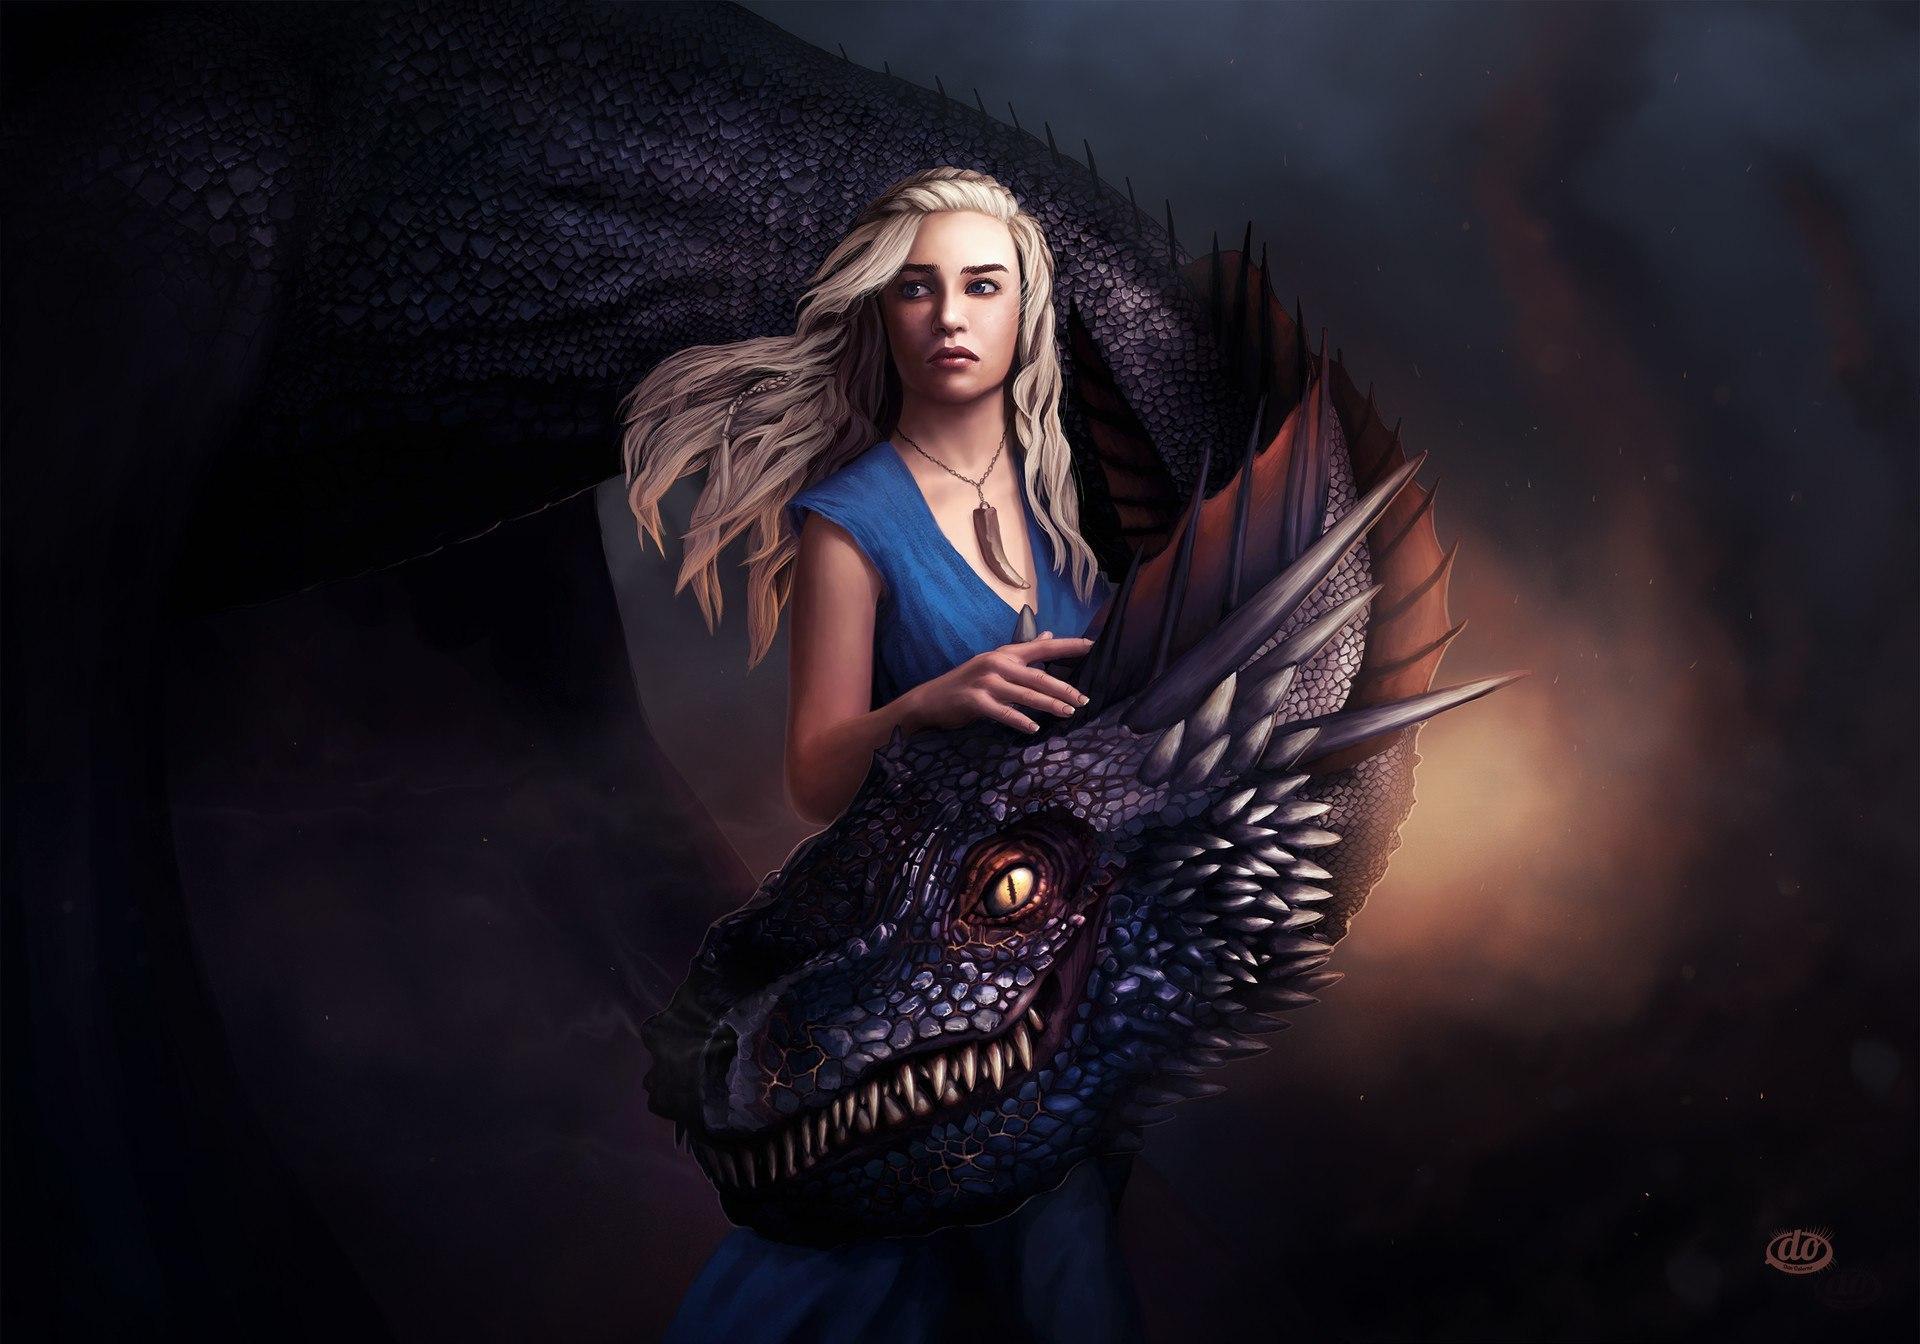 позволяют картинки на аву драконов из игры престолов словам риты, сейчас